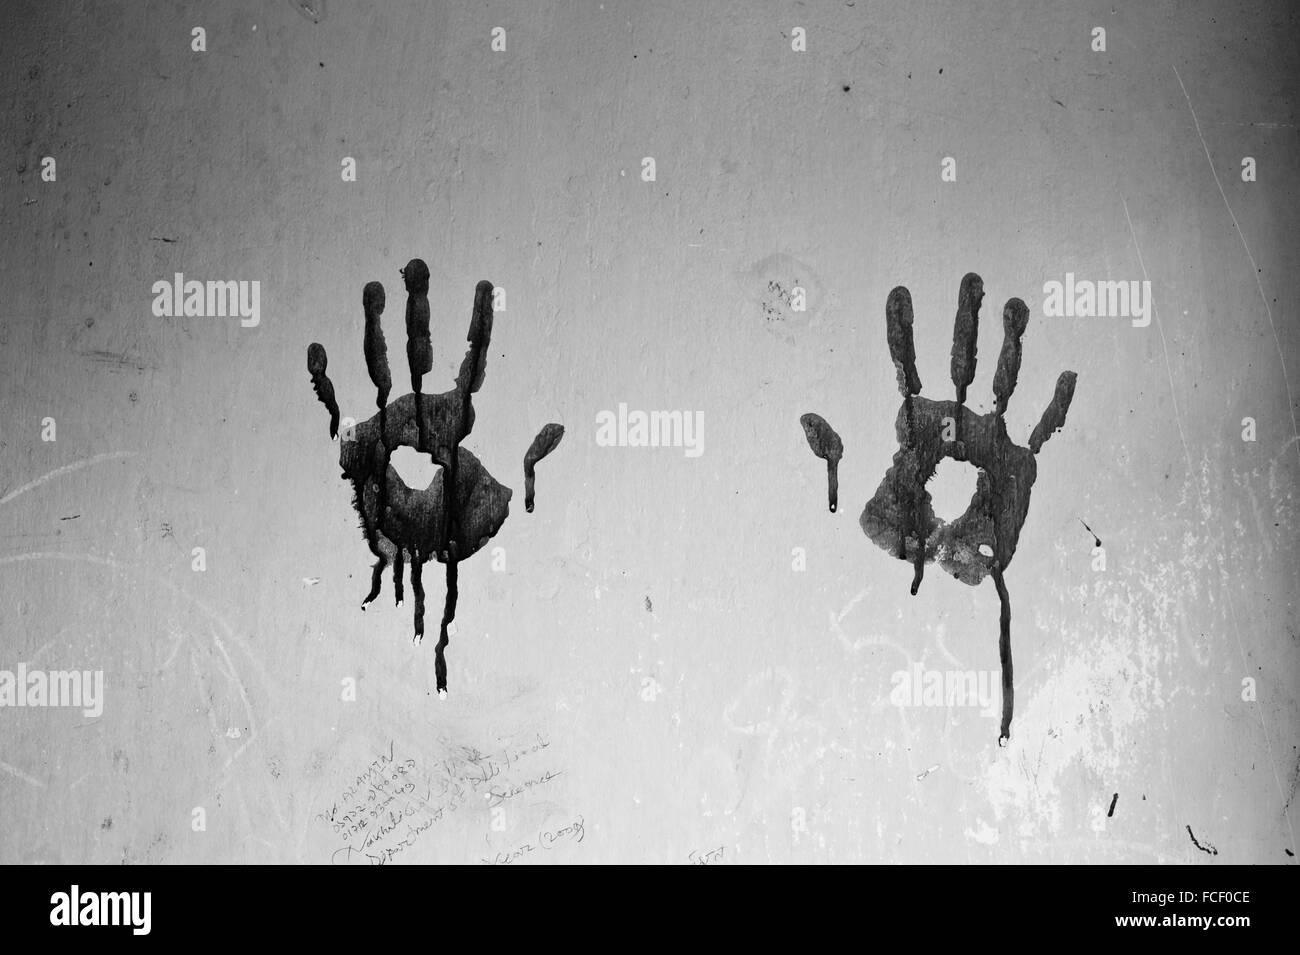 Stampe a mano sulla parete Immagini Stock